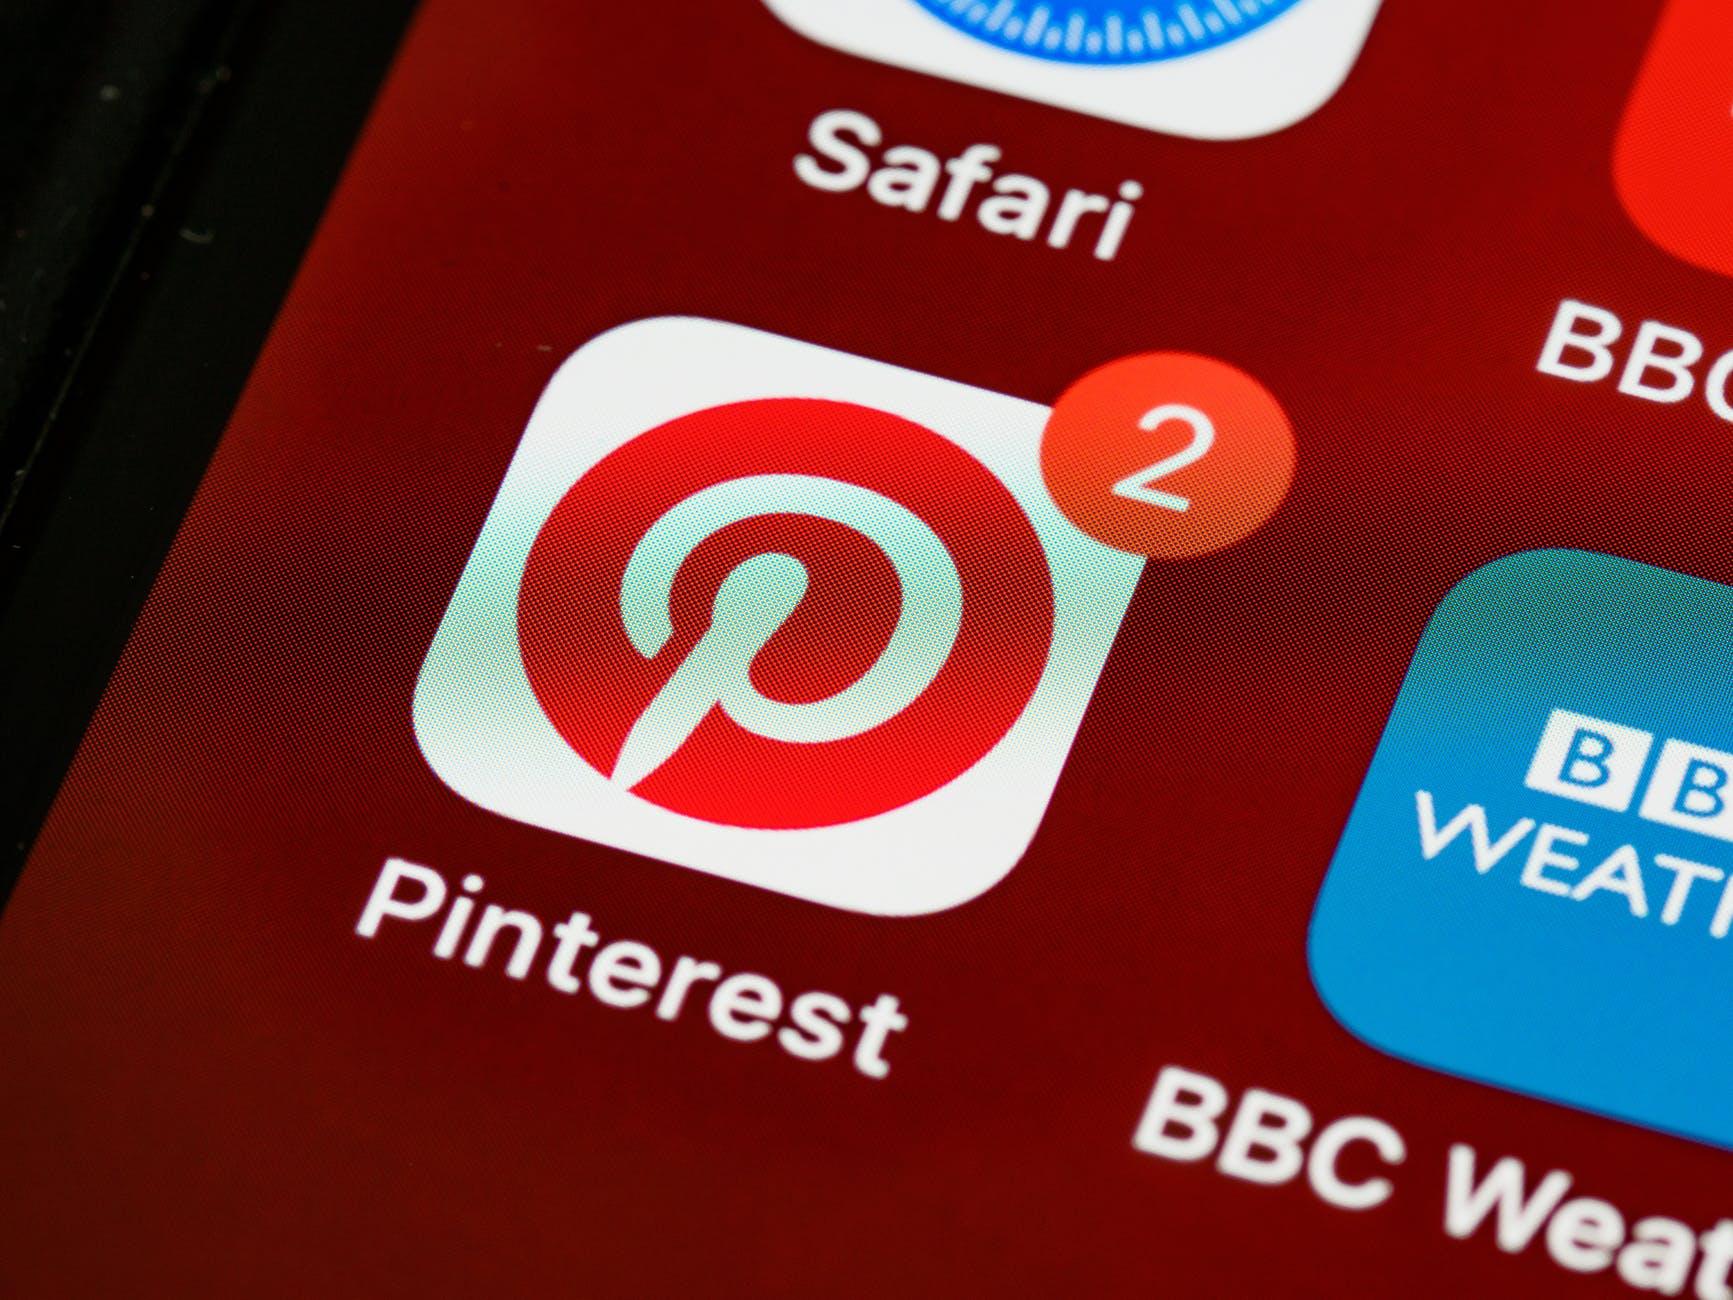 """Icona Pinterest su smartphone: la p minuscola in bianco, nel cerchio rosso, ricorda la """"a"""" della chiocciola"""